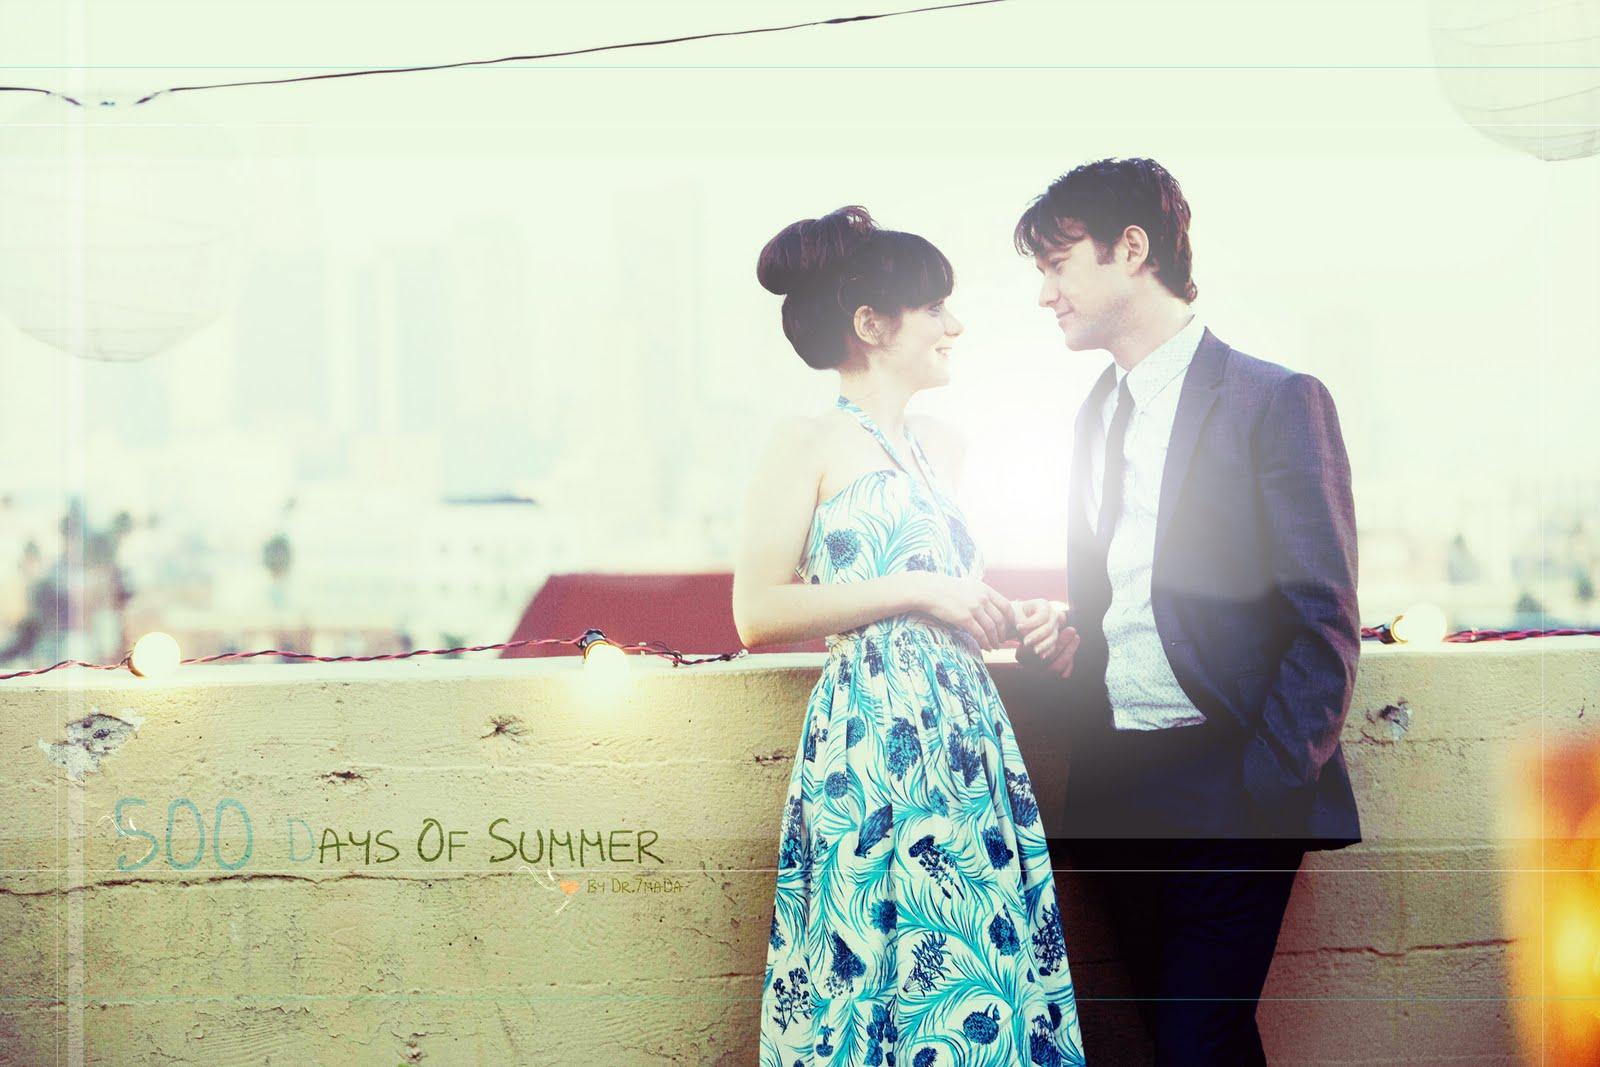 http://4.bp.blogspot.com/_N4oNepJc2MM/TEB8pZaMJoI/AAAAAAAAA9A/Fd_llmY9Ha8/s1600/500_Days_Of_Summer_wallpaper_by_Dr_7maDa.jpg